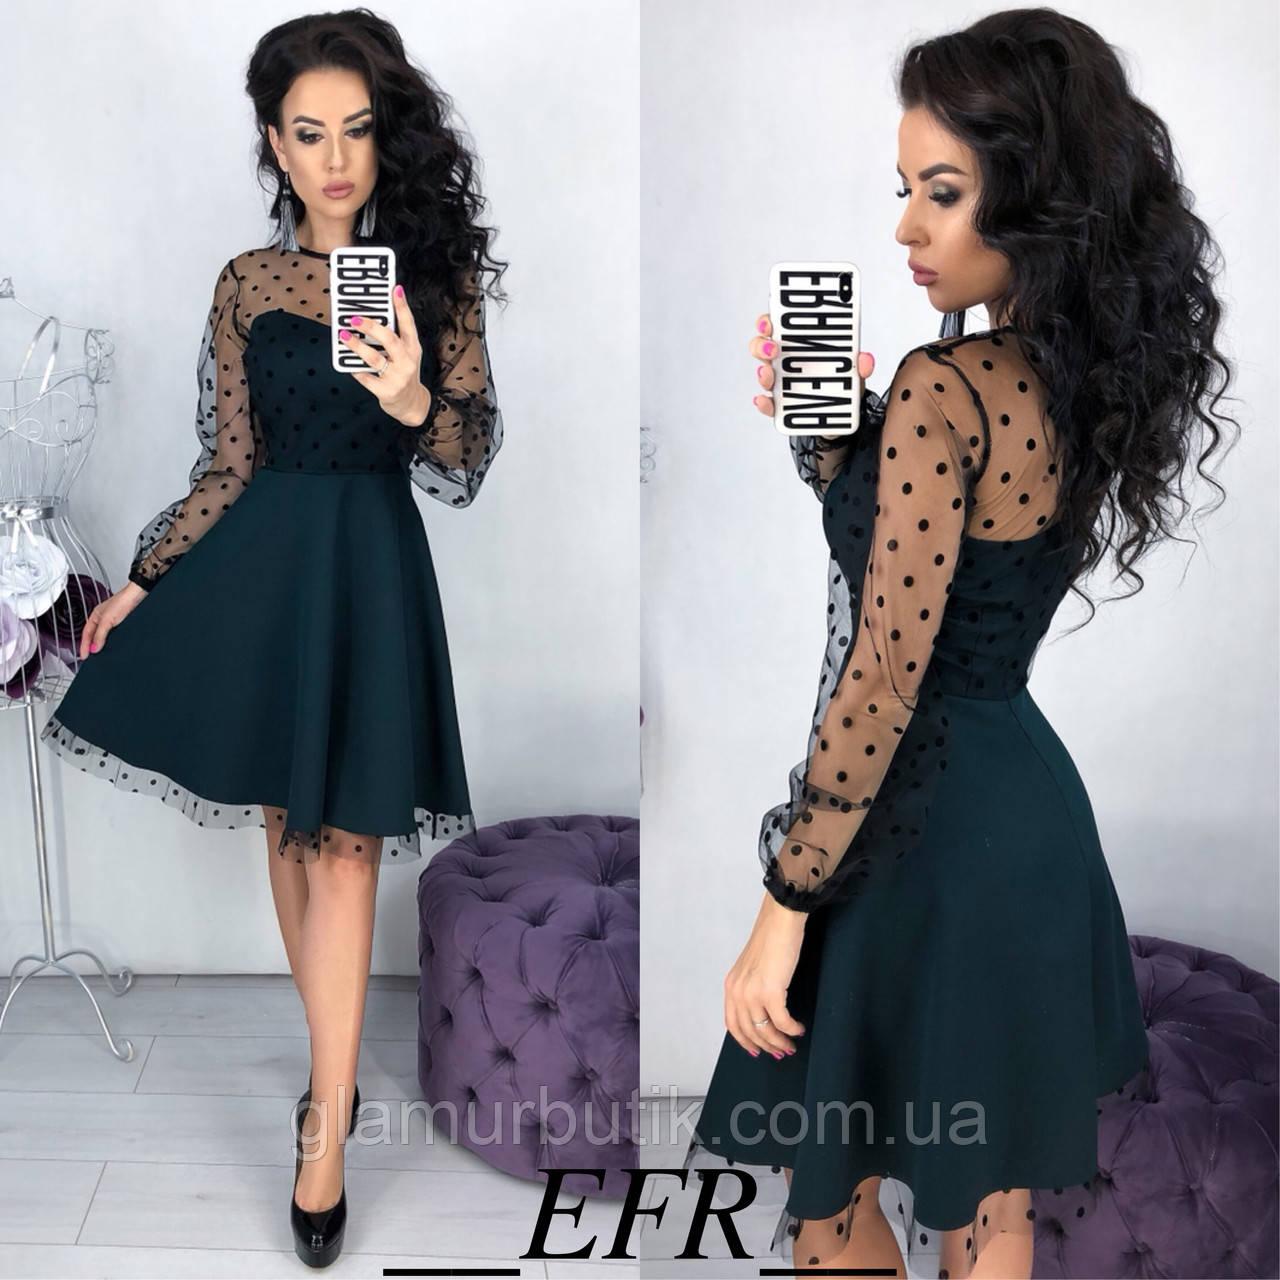 5dd1c7764a9 Красивое вечернее выходное платье с расклешенной юбкой и сеткой фатином S-M  L-XL зелёное